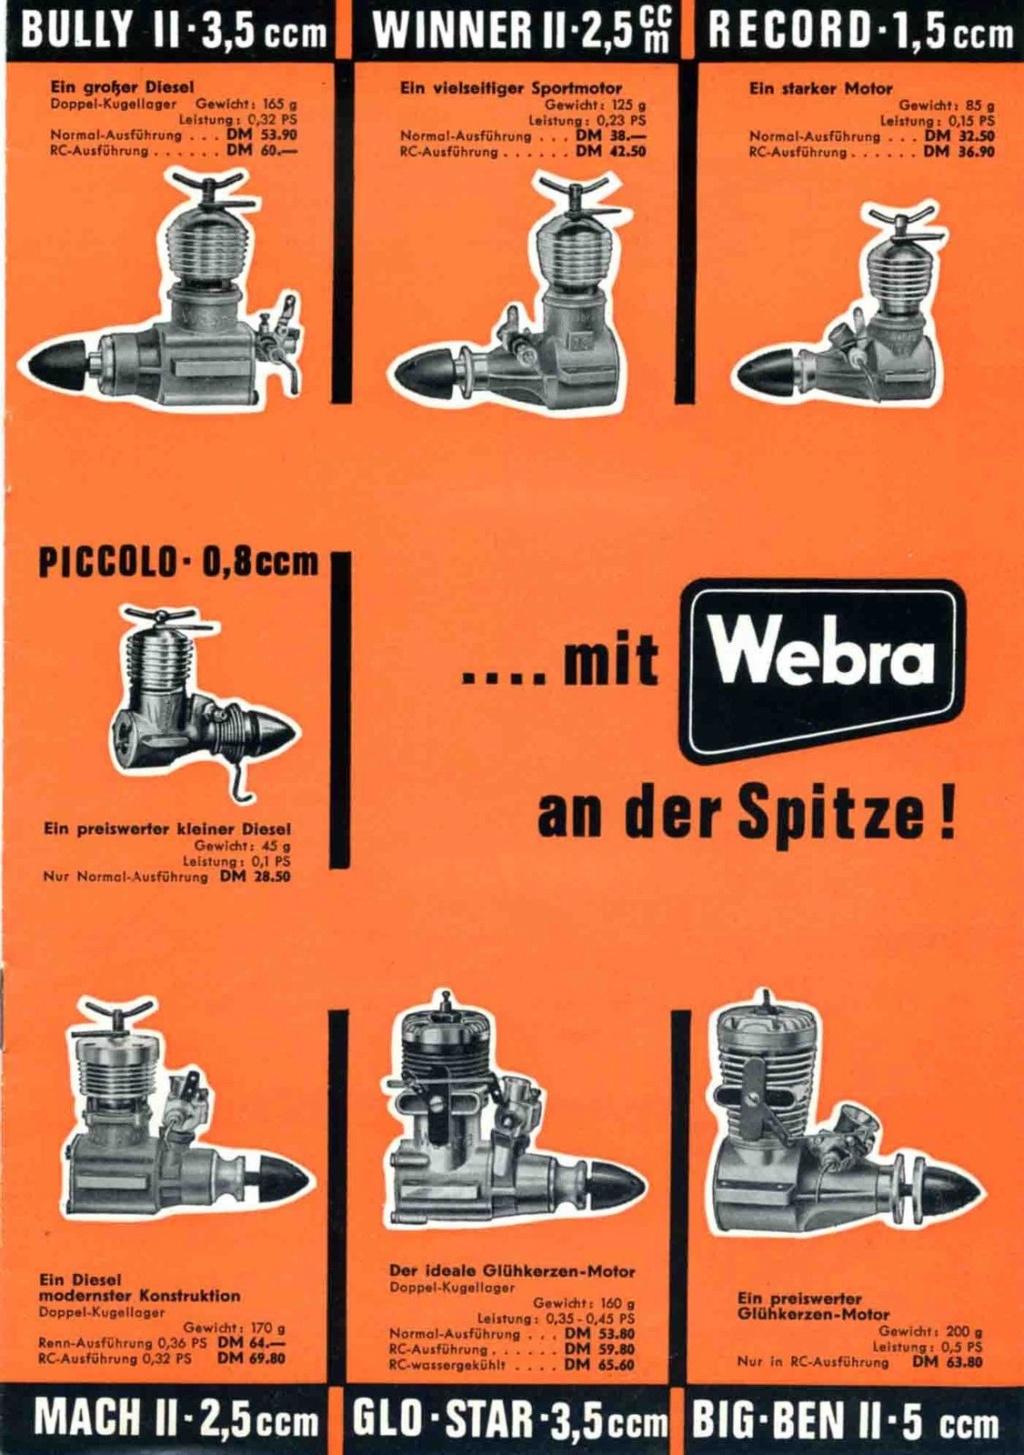 Motores antigos - lixo para uns, tesouro para outros - - Página 18 A7563210